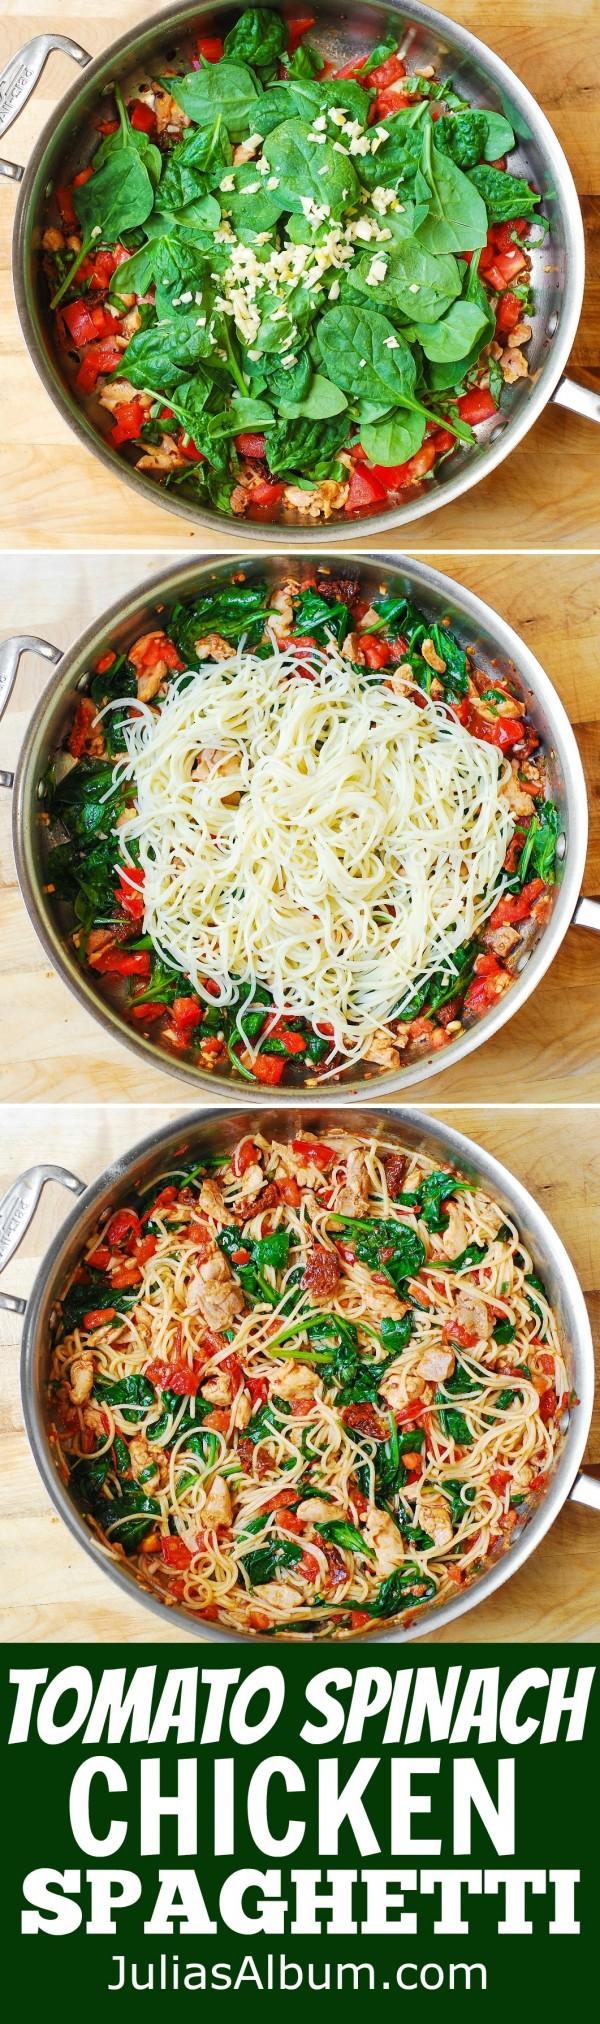 50 Best Chicken Recipes Ever - Get the recipe ♥ Tomato Spinach Chicken Spaghetti @recipes_to_go